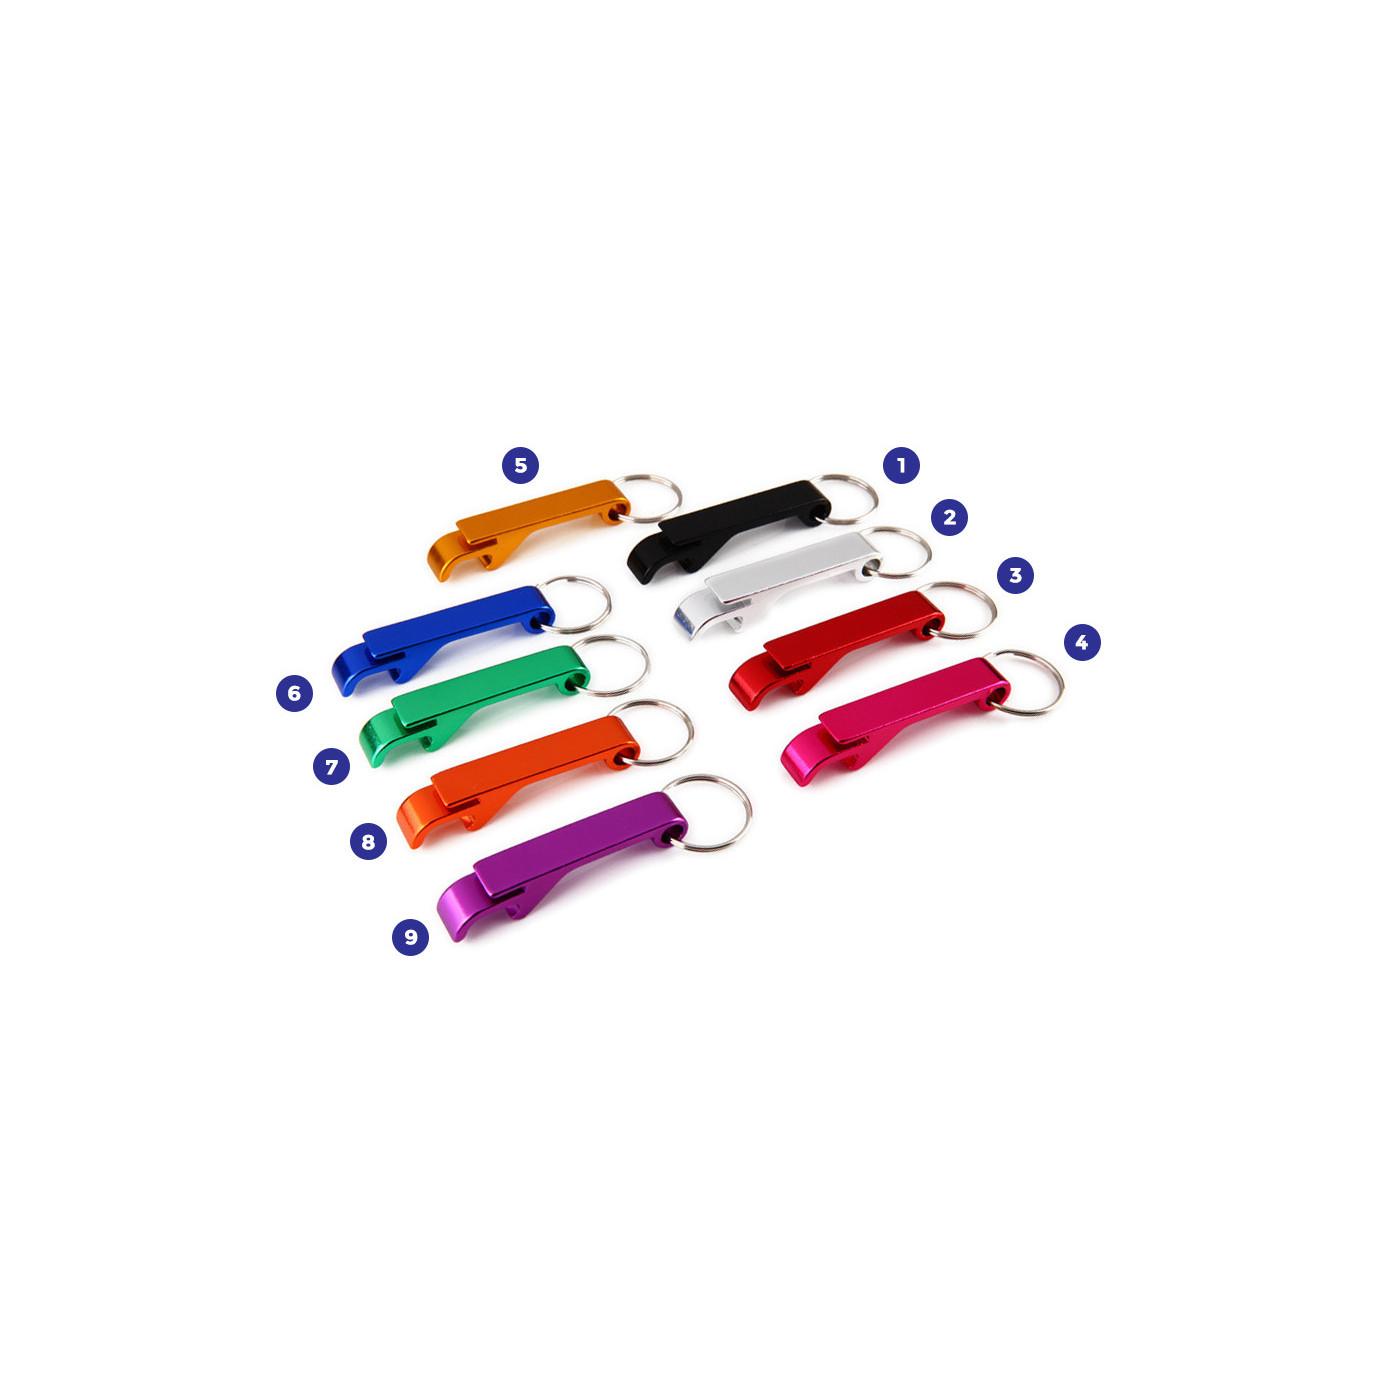 Set van 10 metalen flesopeners, kleur 2: zilver